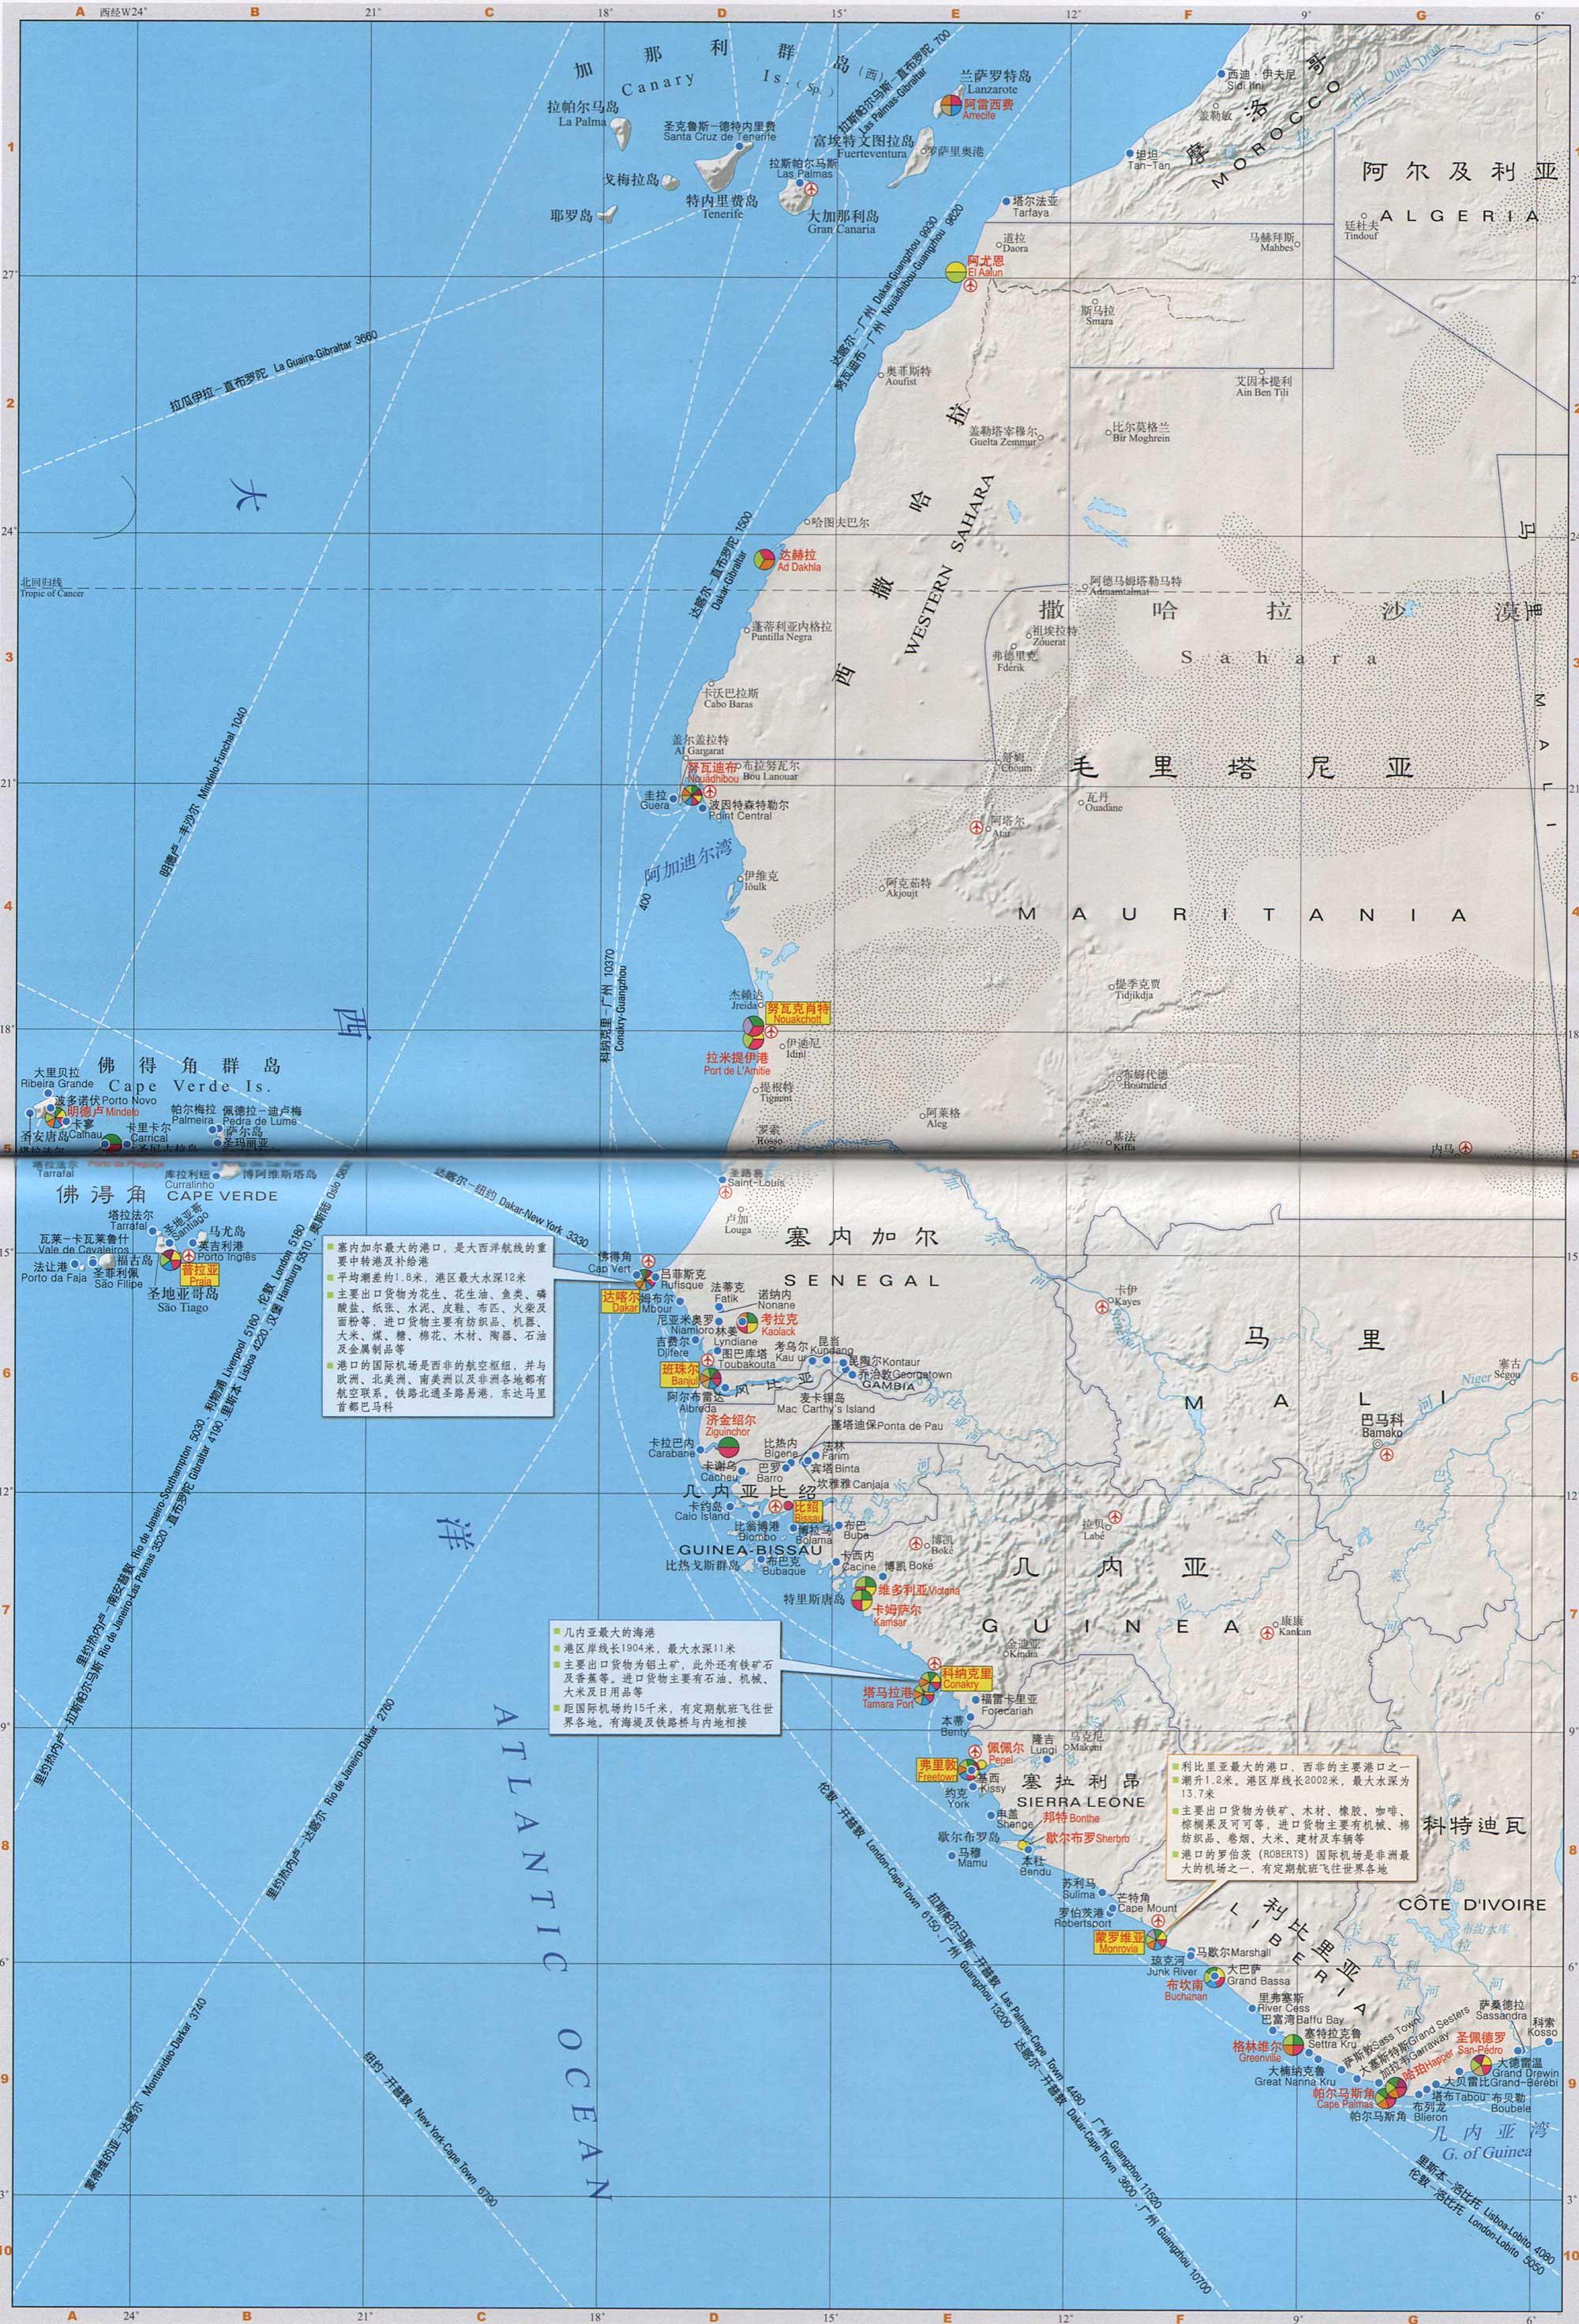 非洲西部沿海港口分布图_交通地图库_地图窝